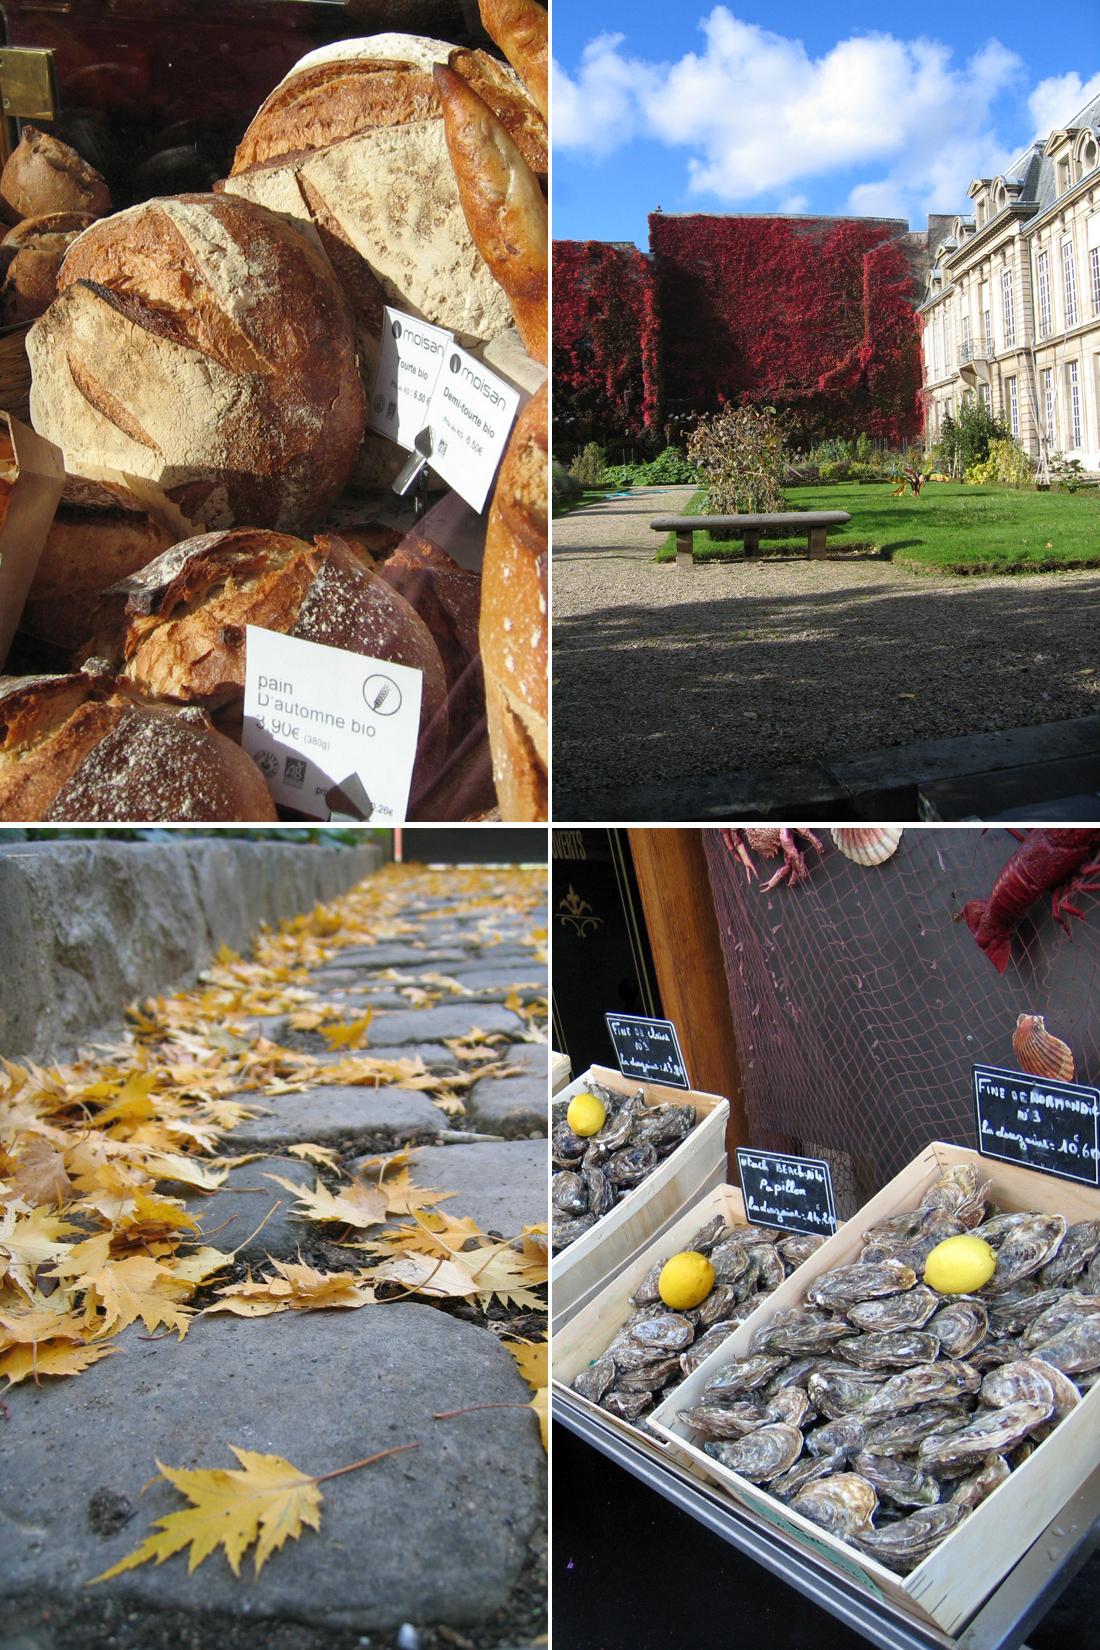 Outono em Paris // Autumn in Paris